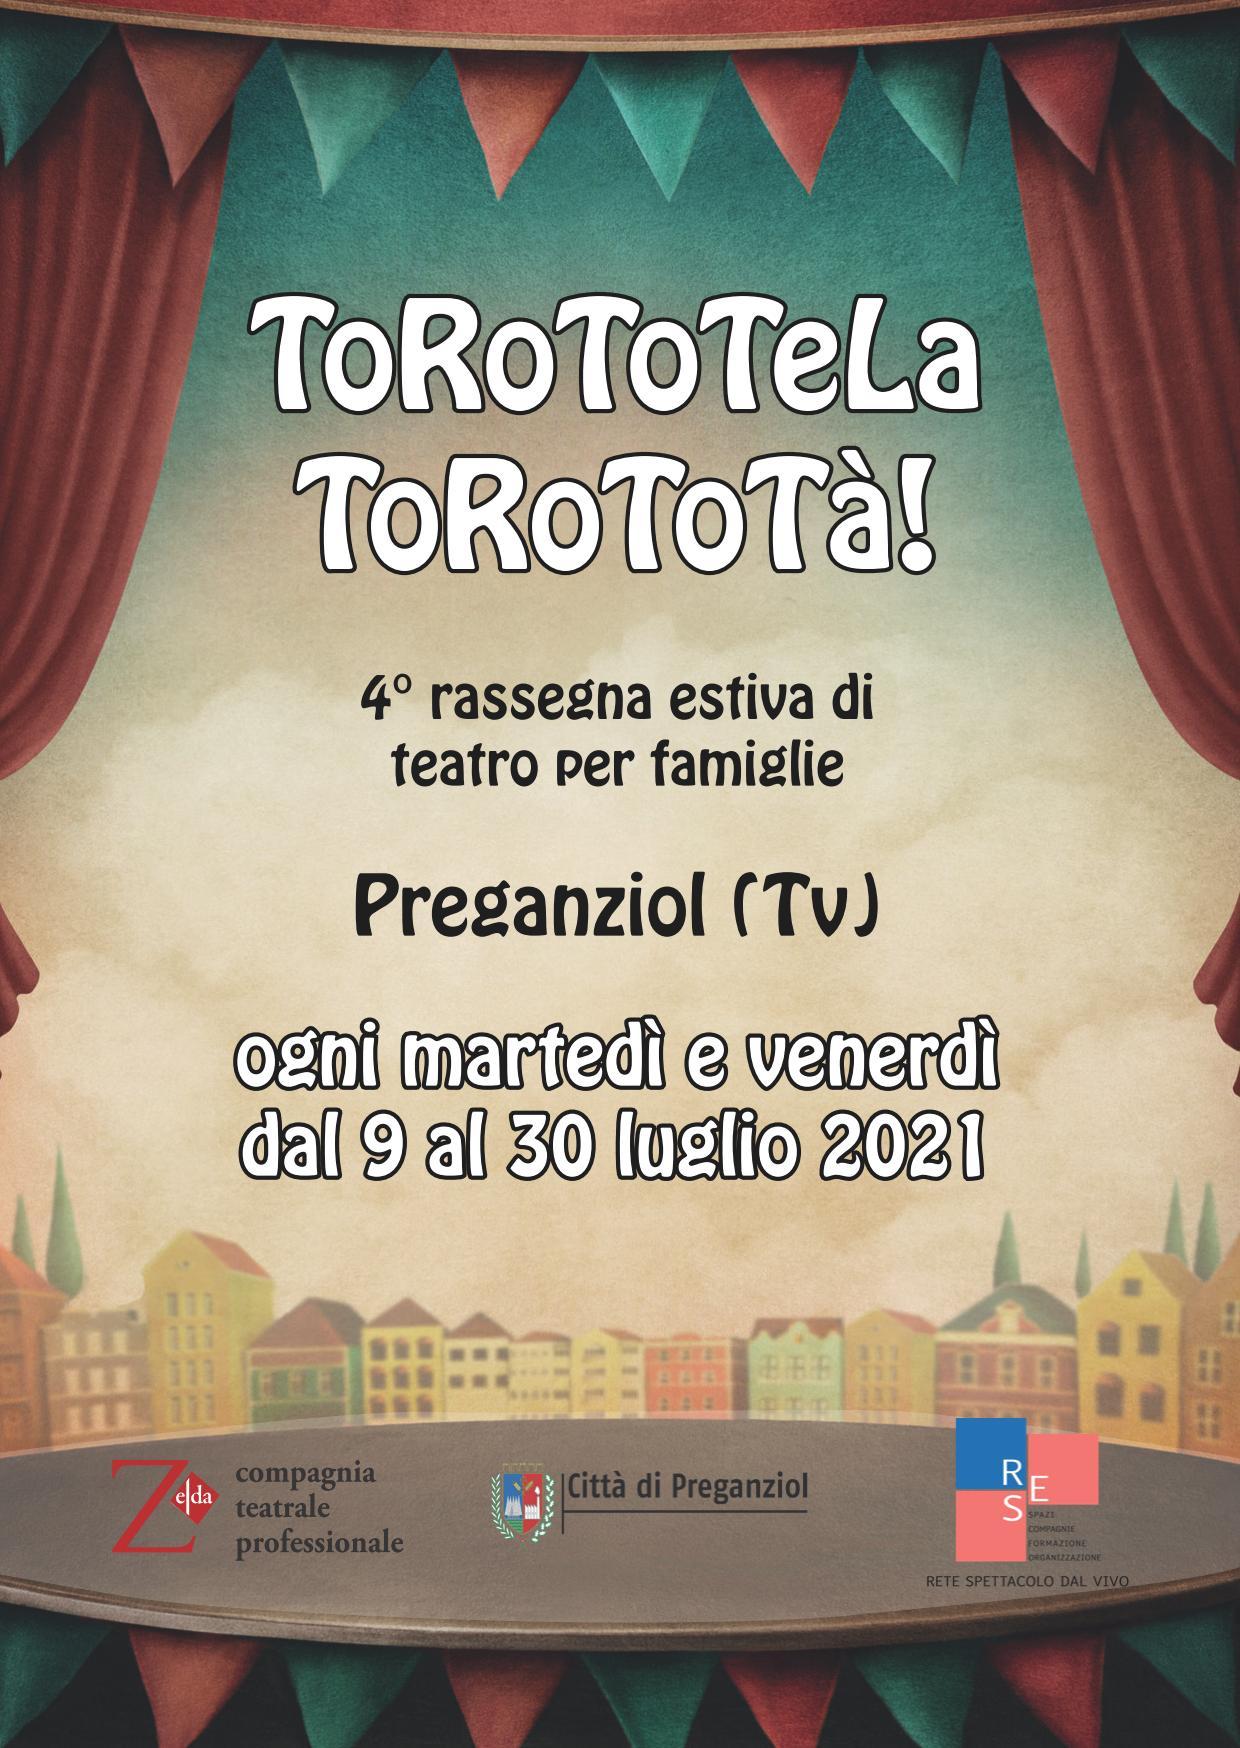 RASSEGNA ESTIVA TOROTOTELA TOROTOTA' 2021